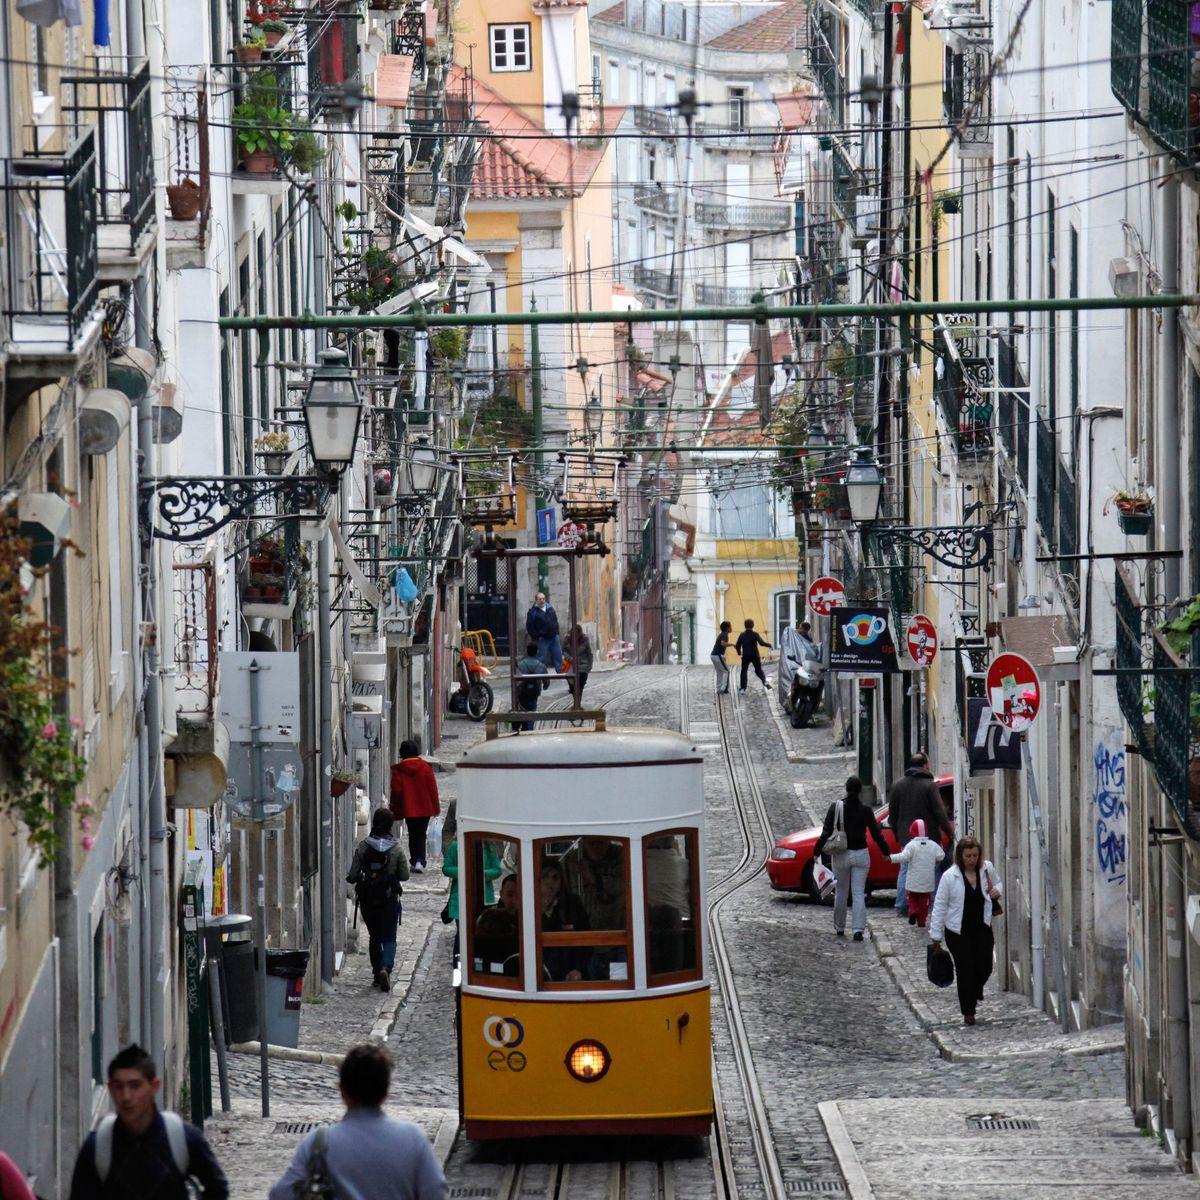 Portugal für Insider: Das sind die schönsten verschwiegenen Ecken von Lissabon